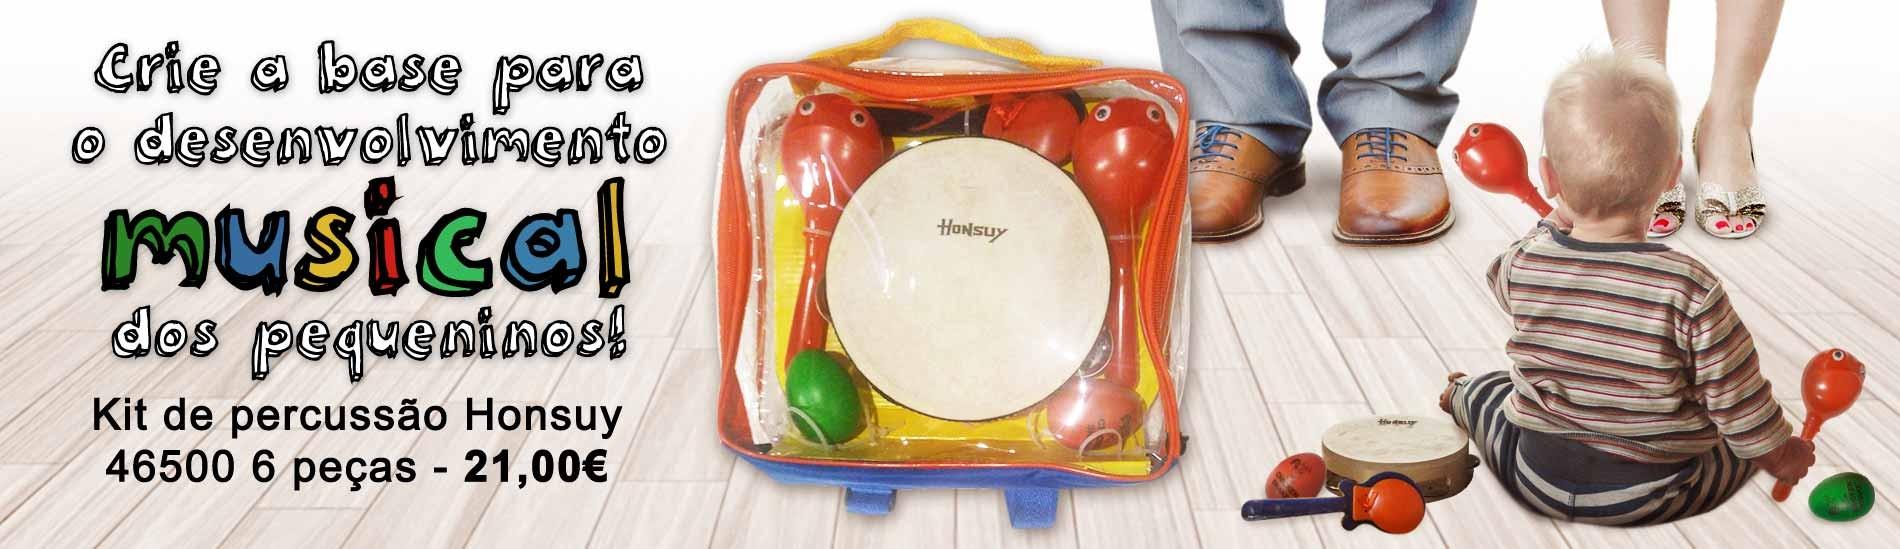 Instrumentos Orff - Crie a base para o desenvolvimento musical dos pequeninos!